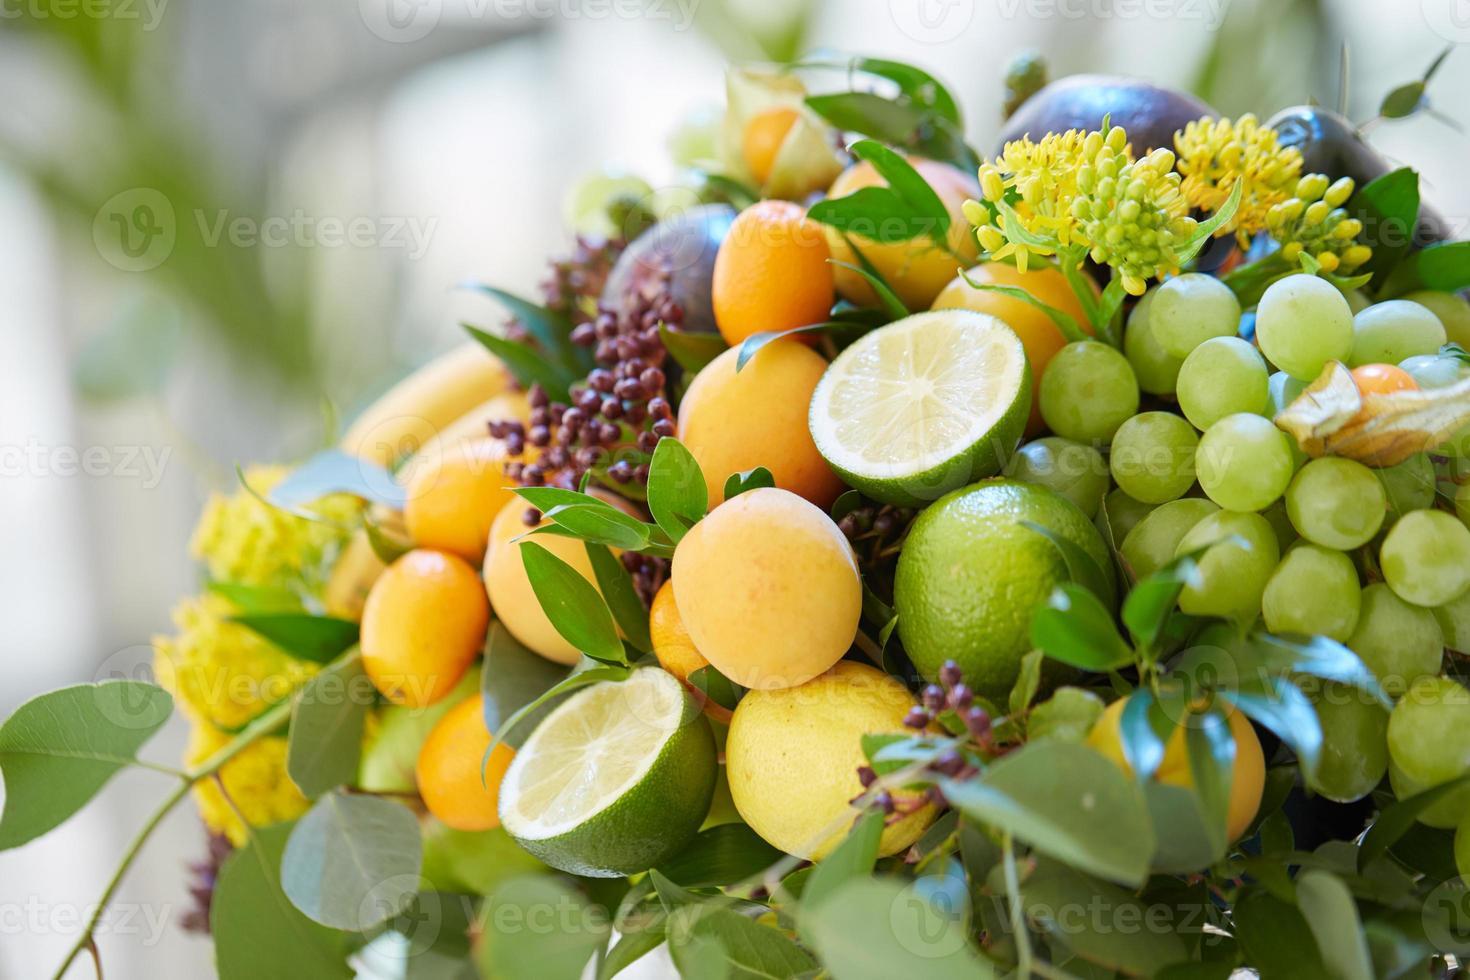 molti frutti diversi insieme foto